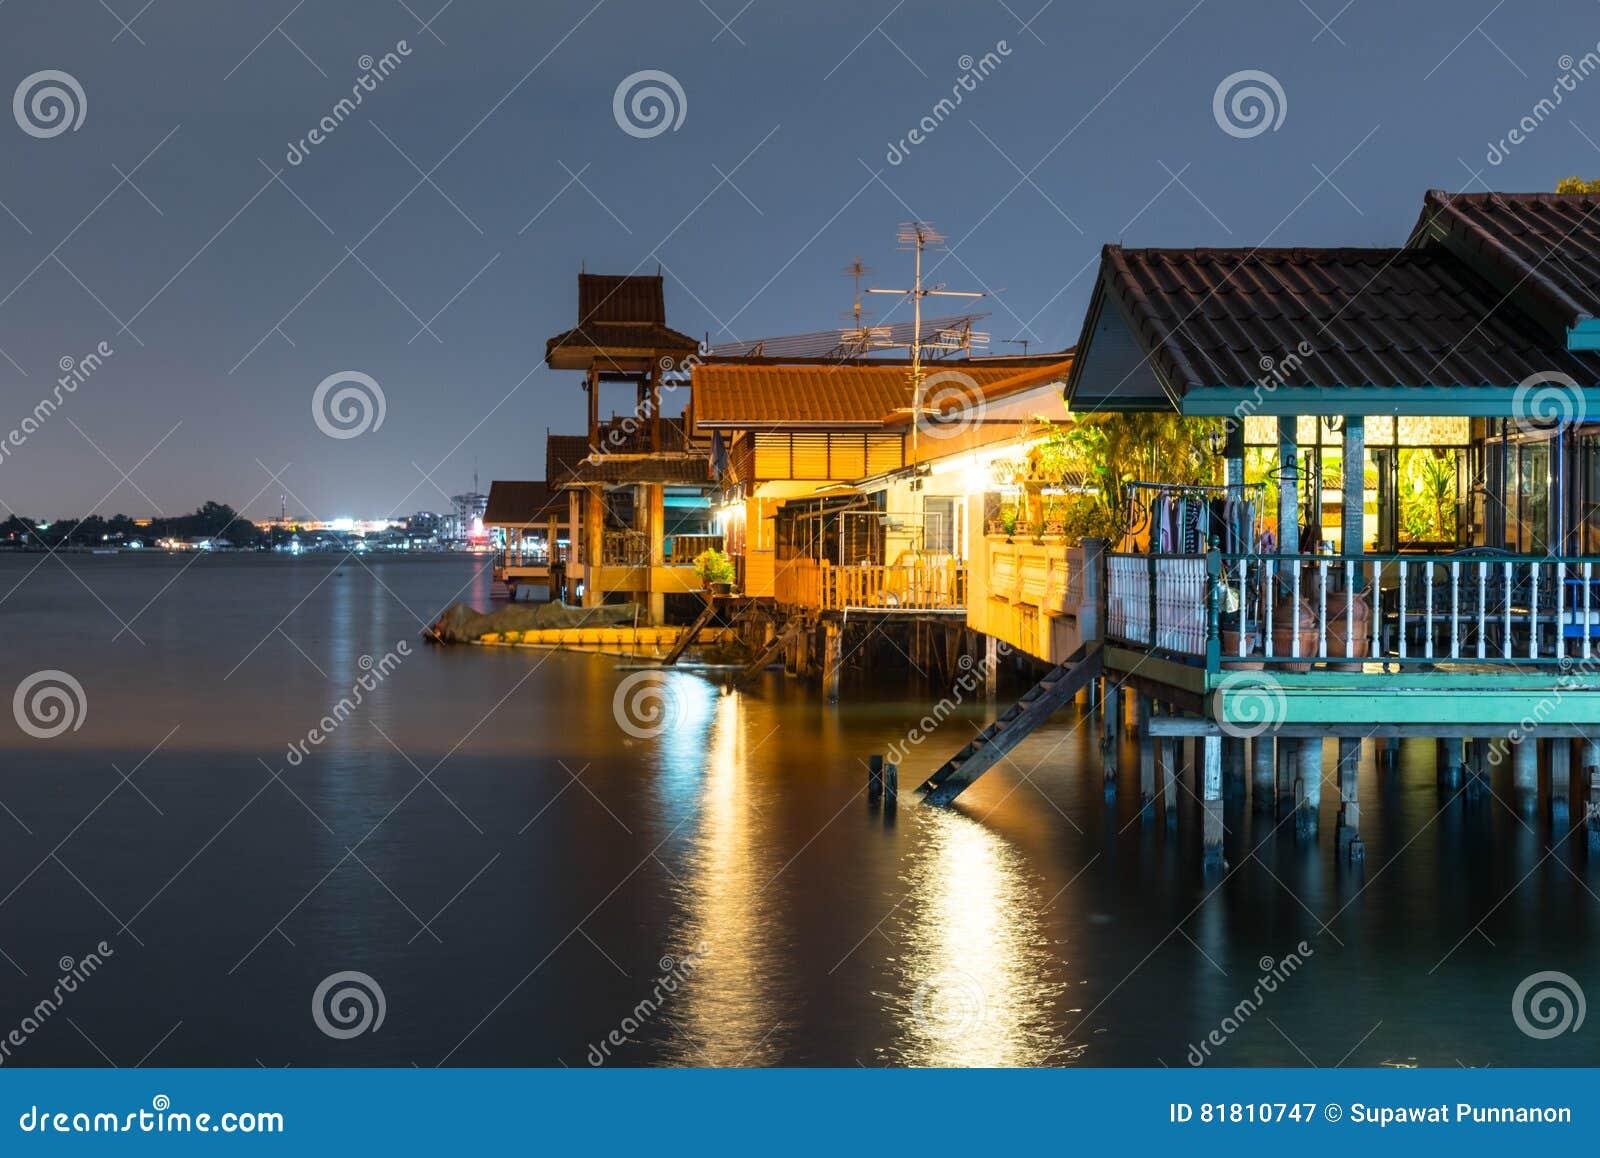 Старый дом около реки/канала в Таиланде Образ жизни портового района CU